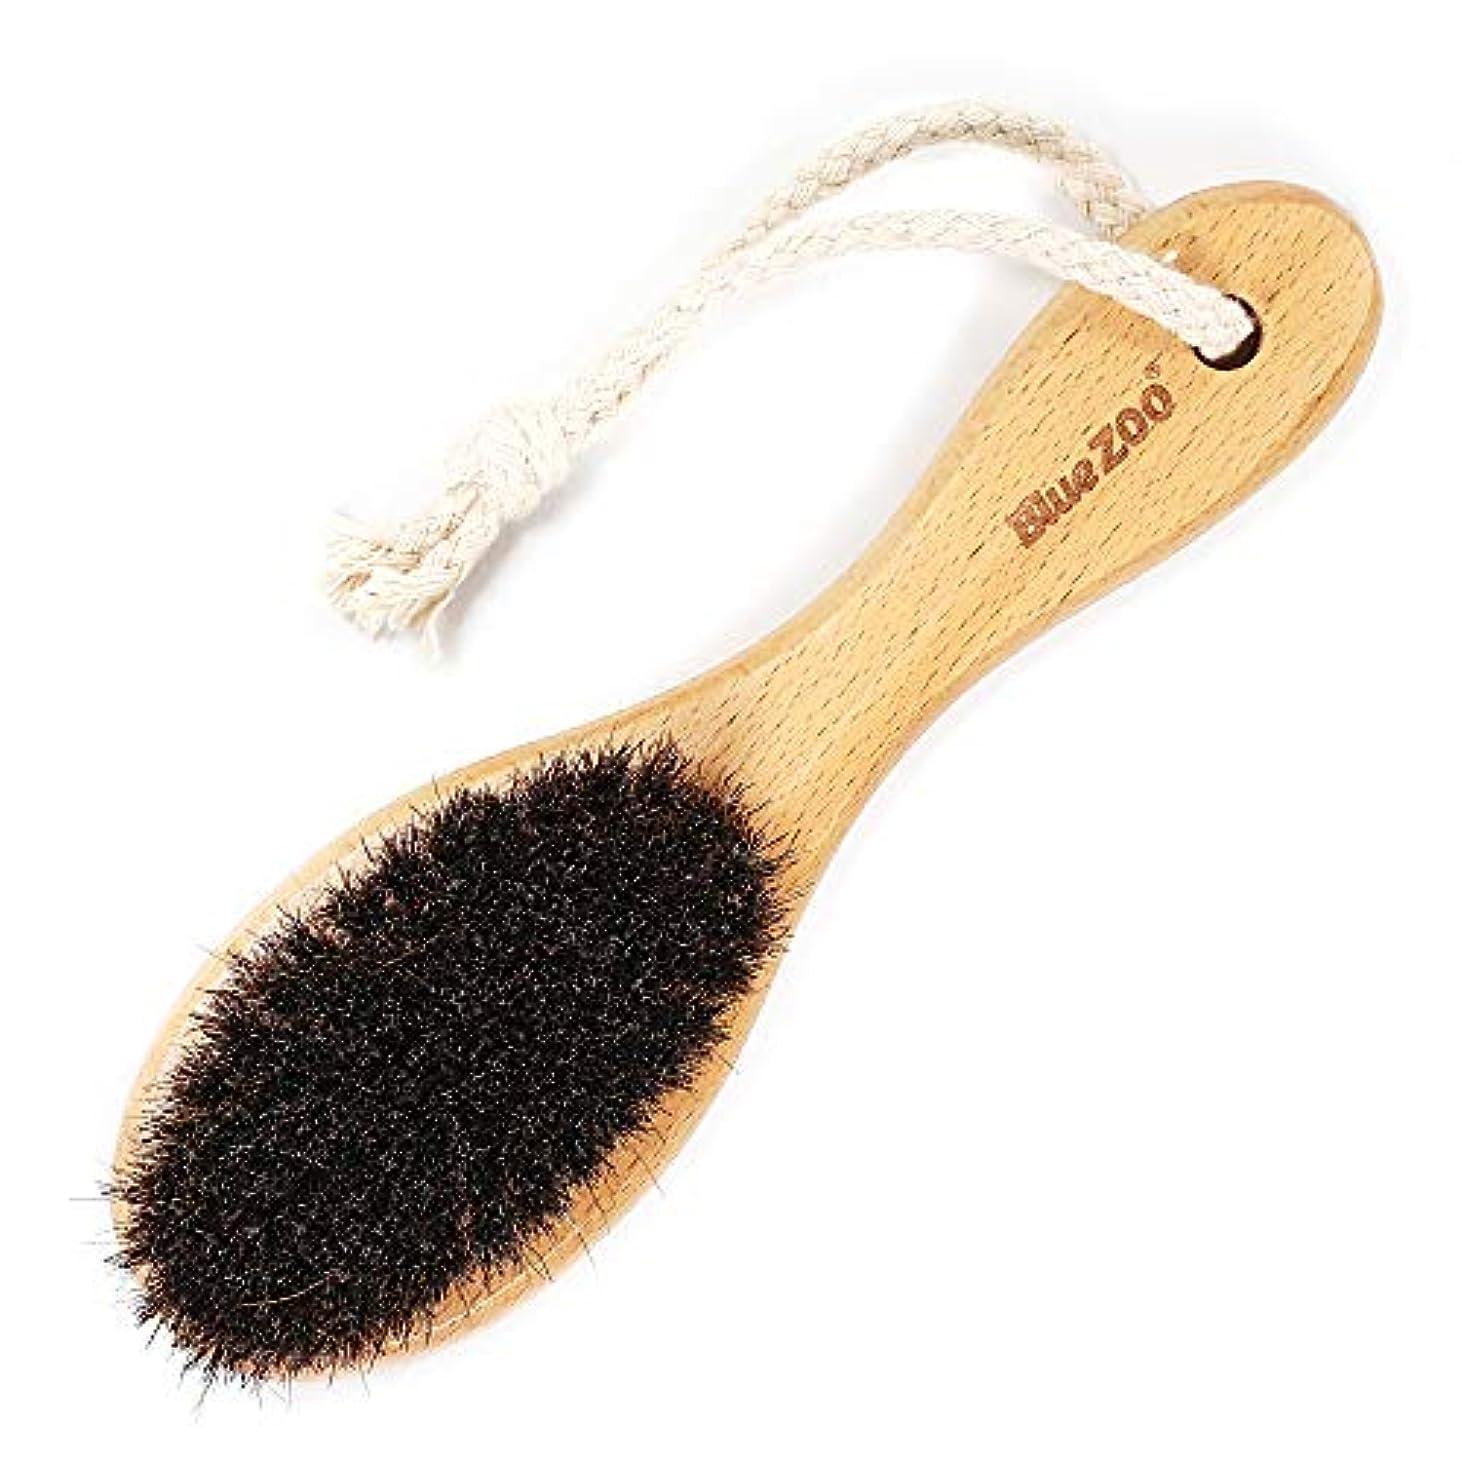 ネーピア同種のブルゴーニュDecdeal ひげブラシ 多機能 馬毛 ヘアブラシ/バスブラシ木製ハンドルボディマッサージブラシ 理容 洗顔 髭剃り